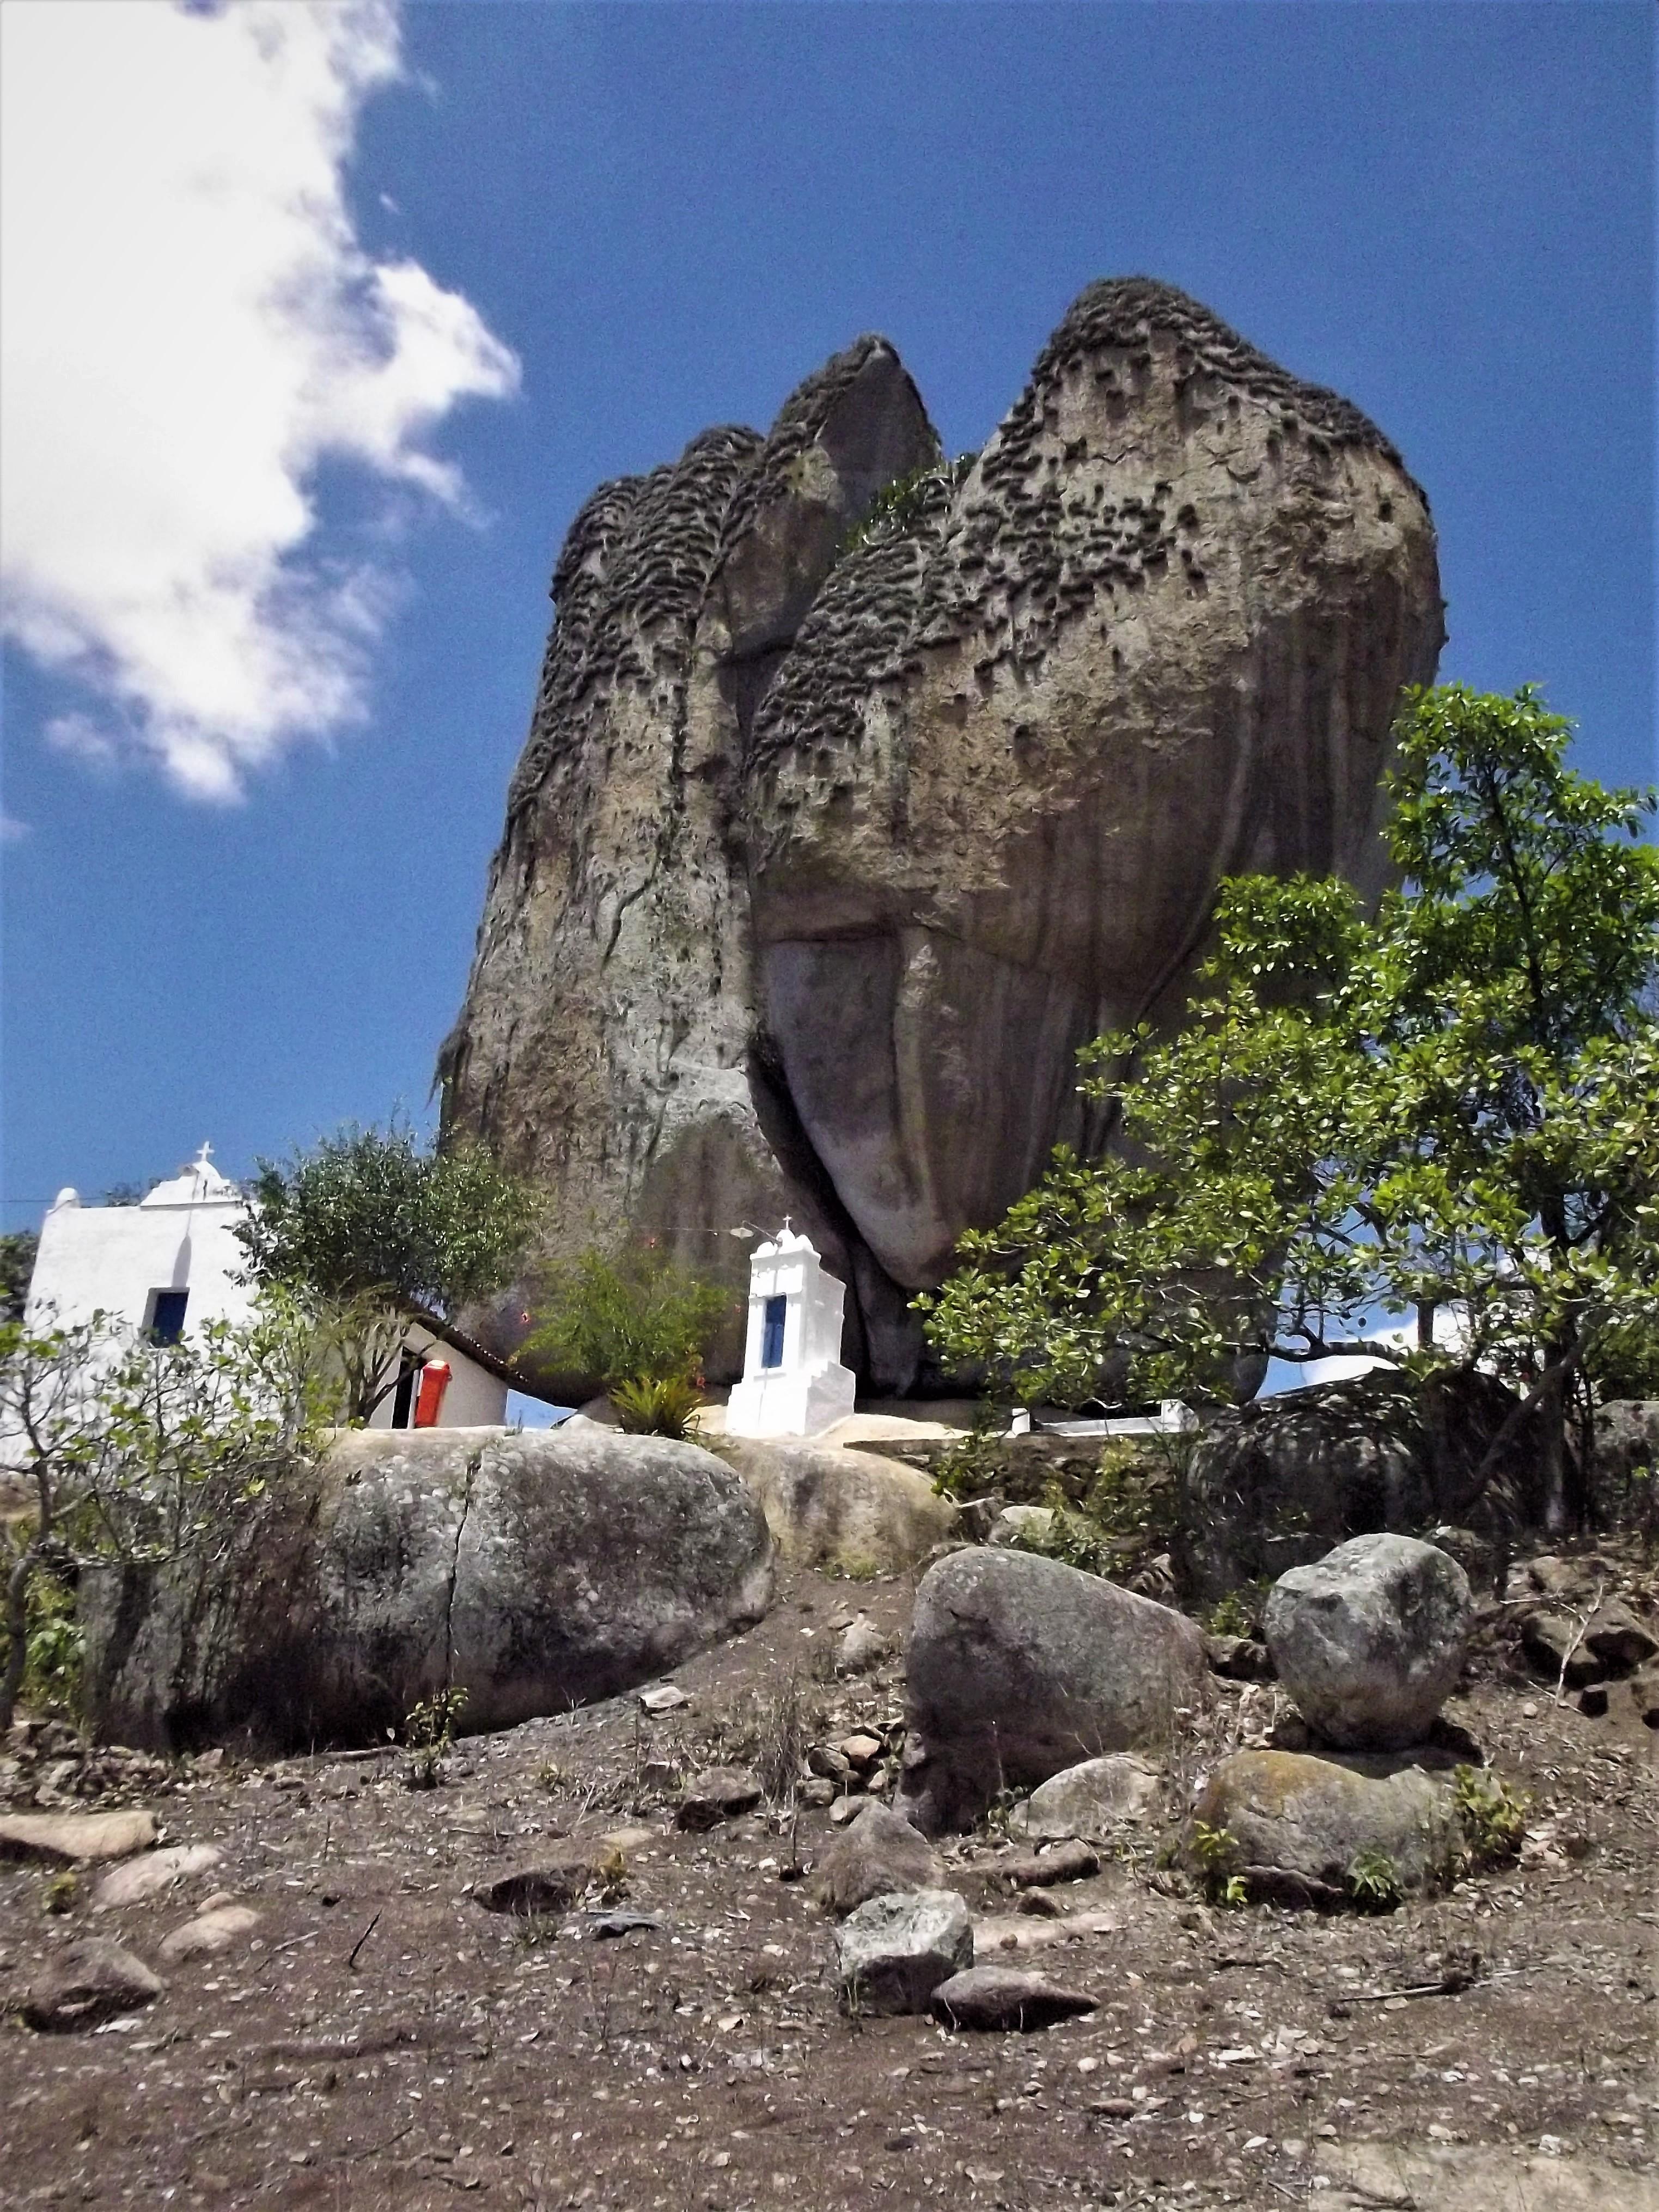 Pedra de Santo Antonio recebe milhares de fiéis todos os anos